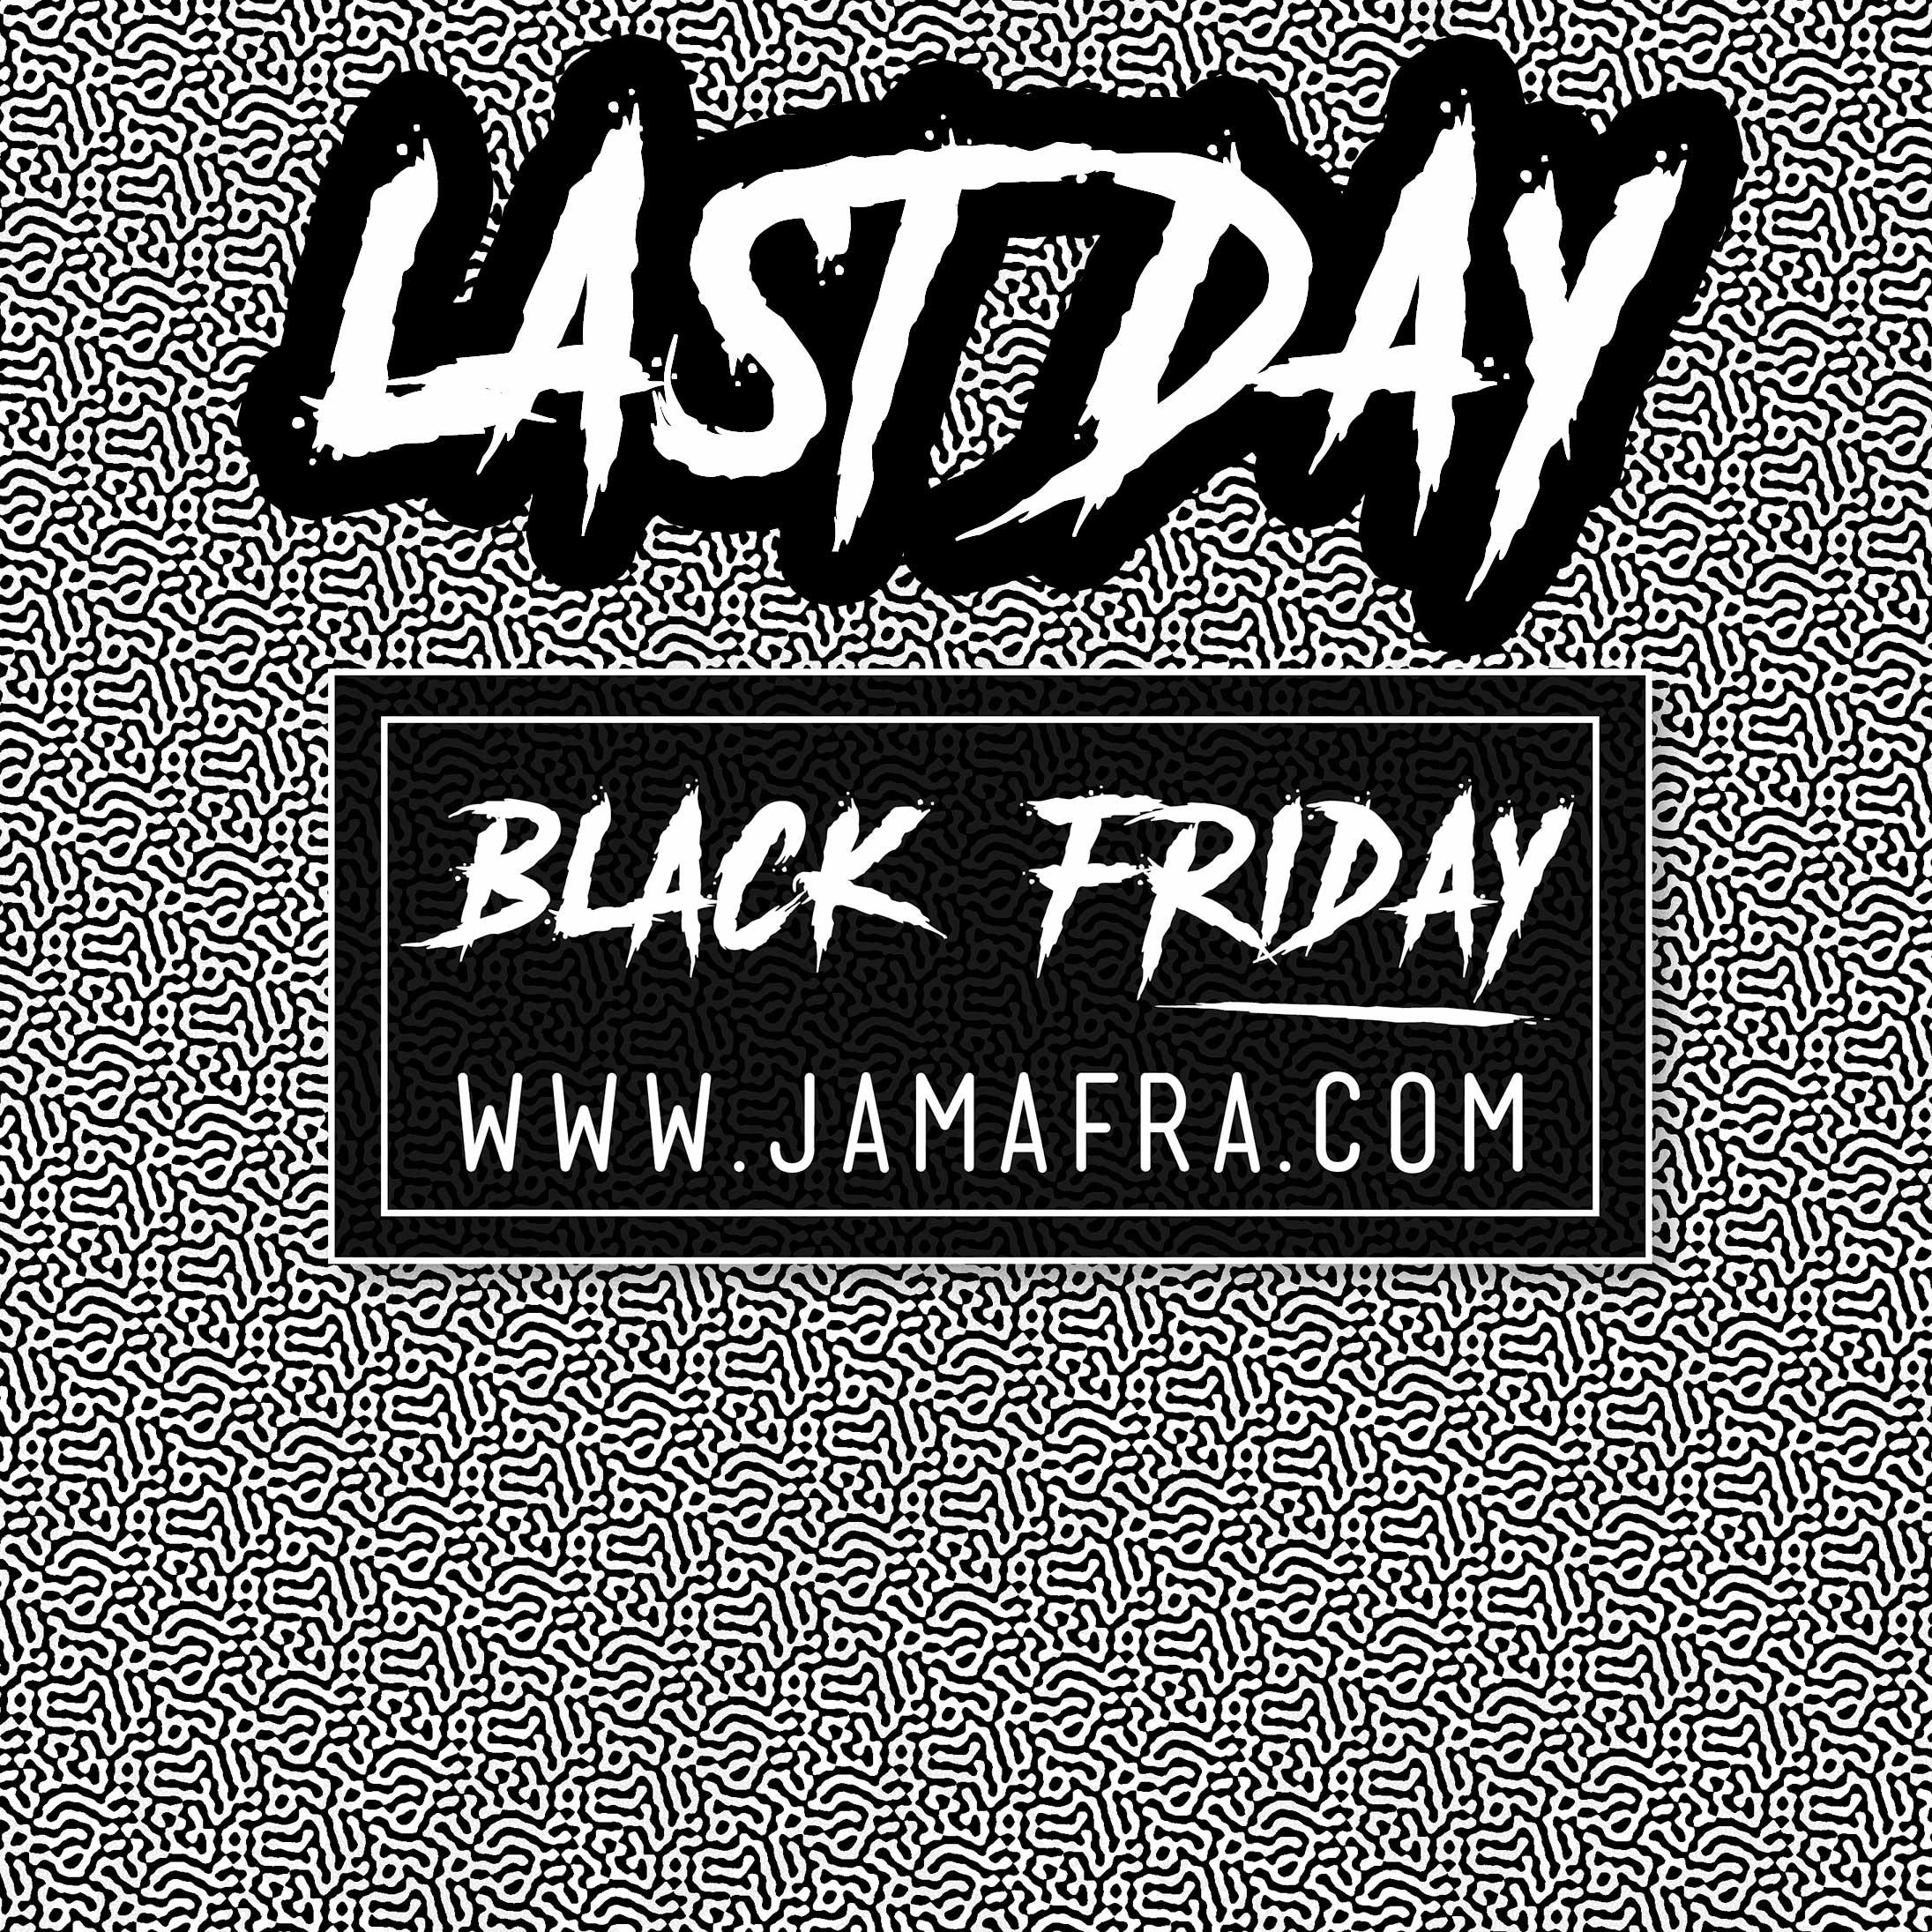 DERNIER JOUR BLACK FRIDAY Jamafra